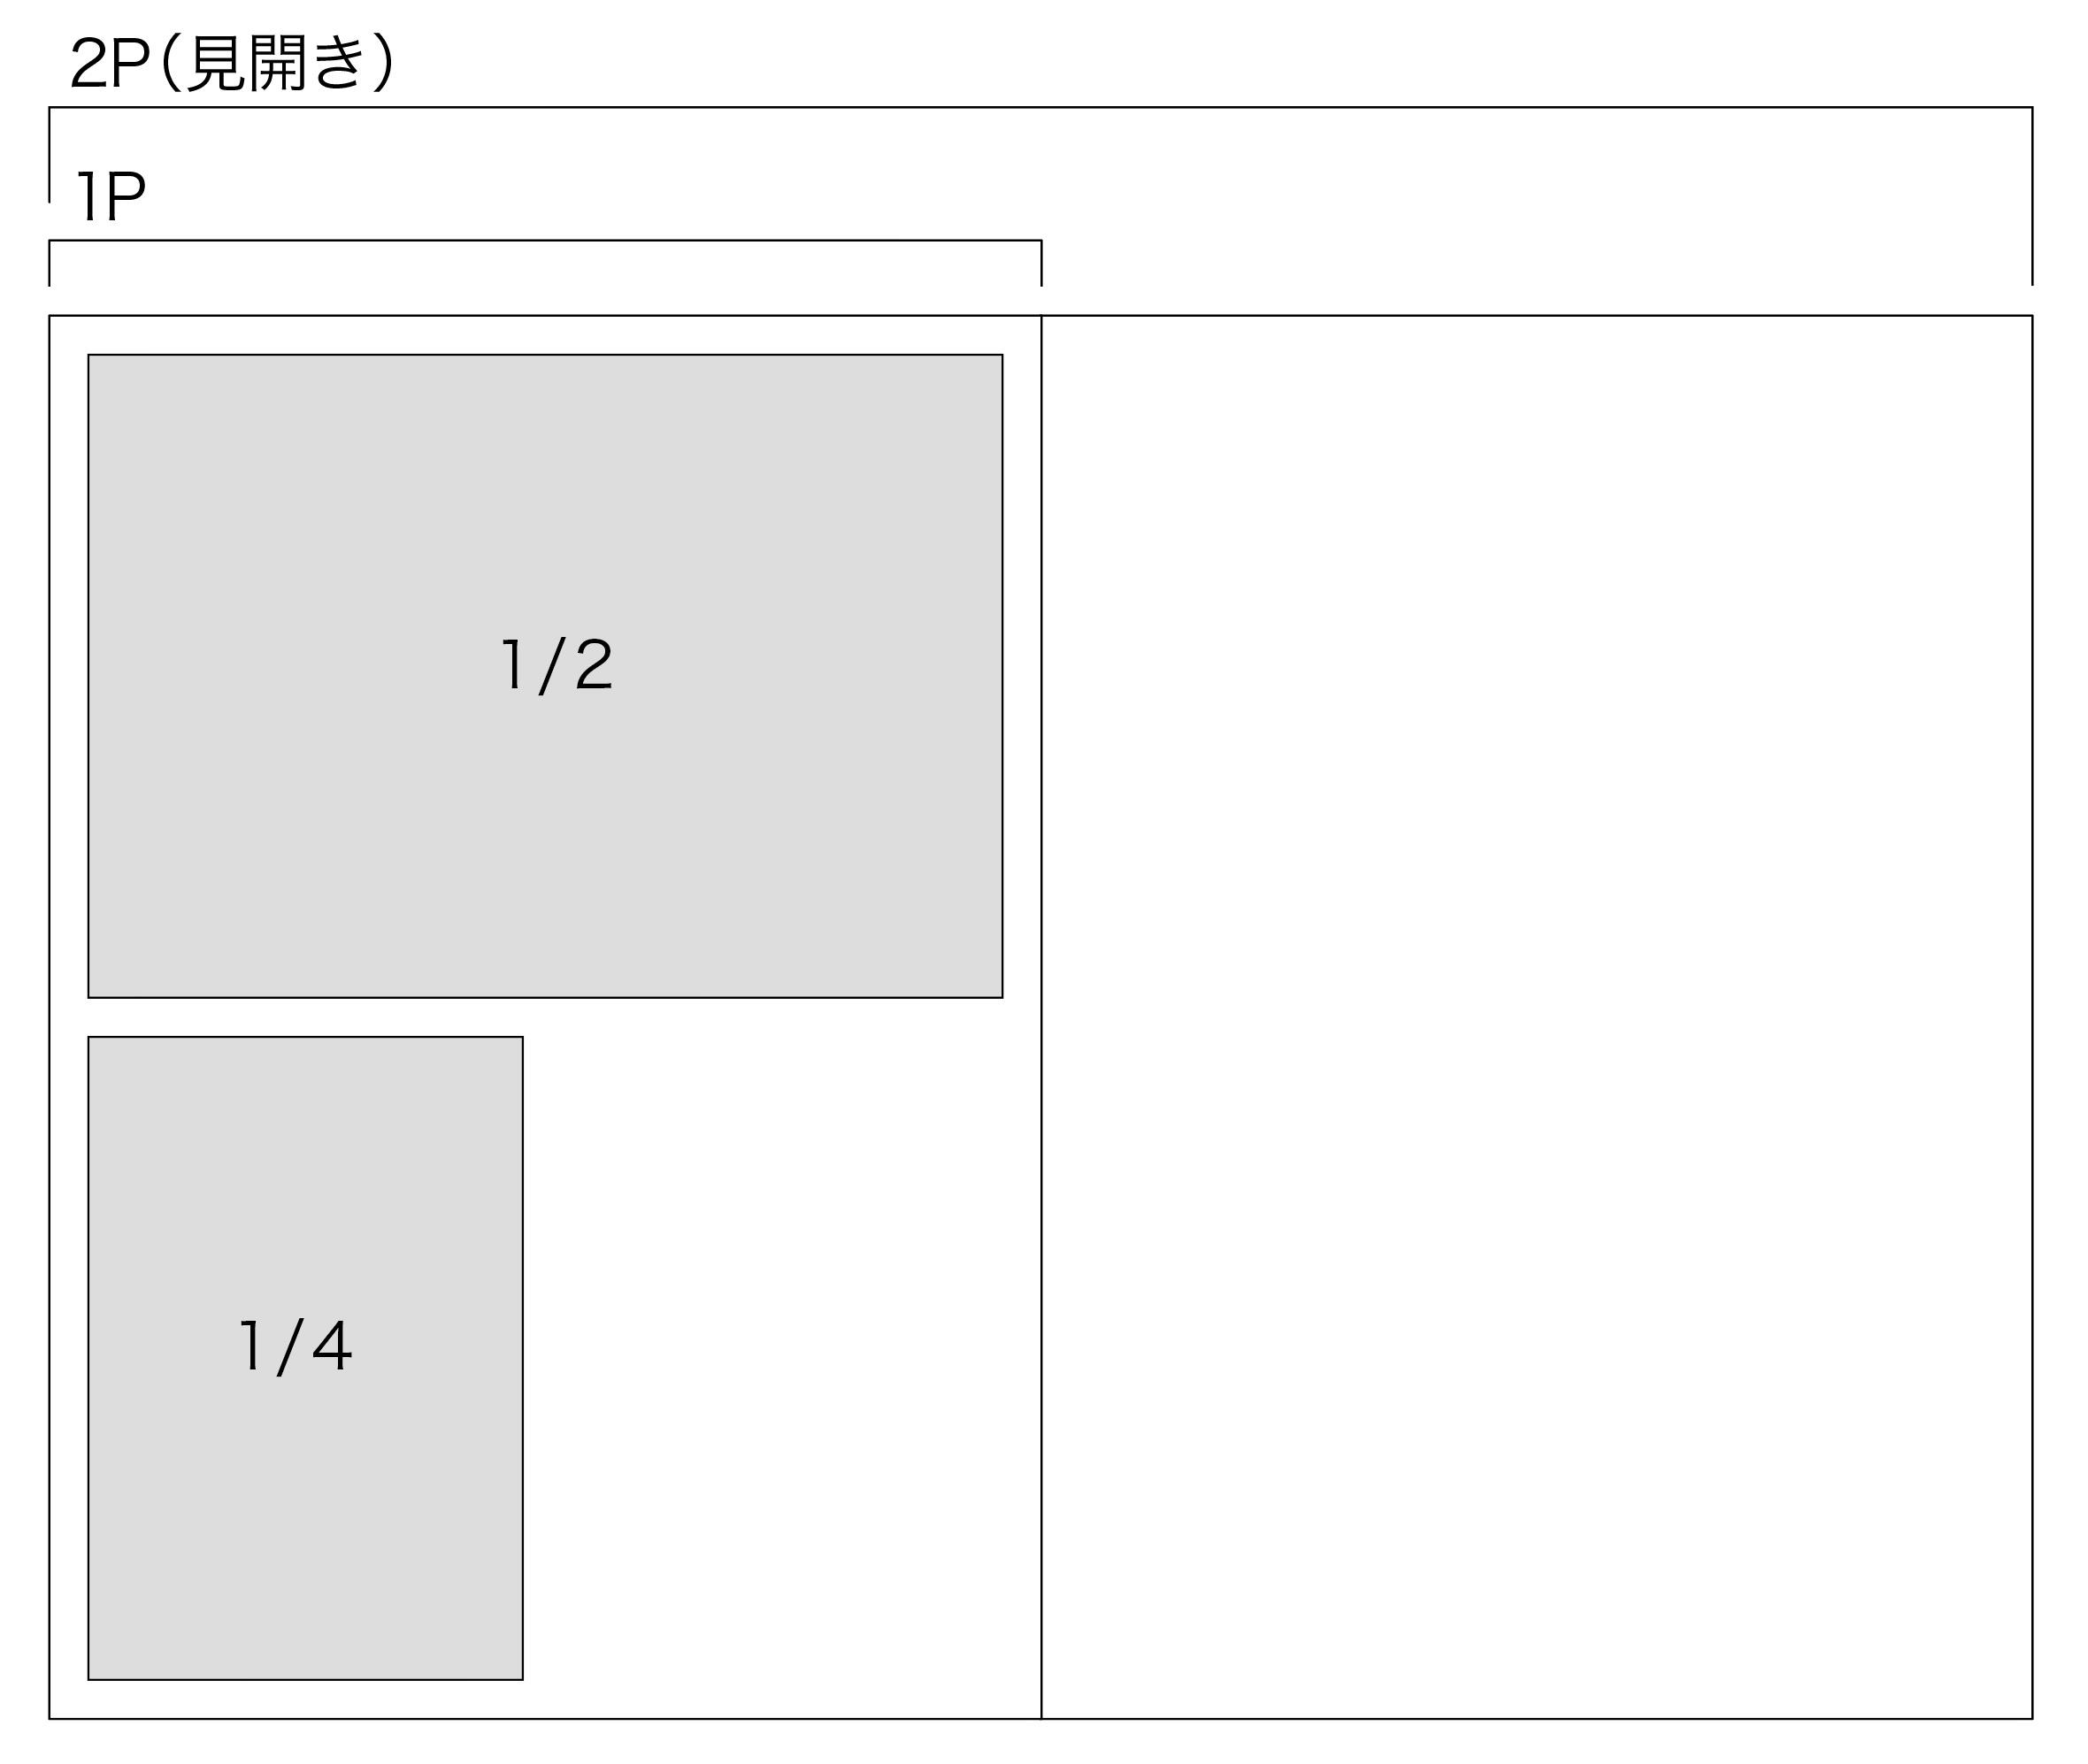 スクリーンショット 2020-06-17 17.21.28のコピー